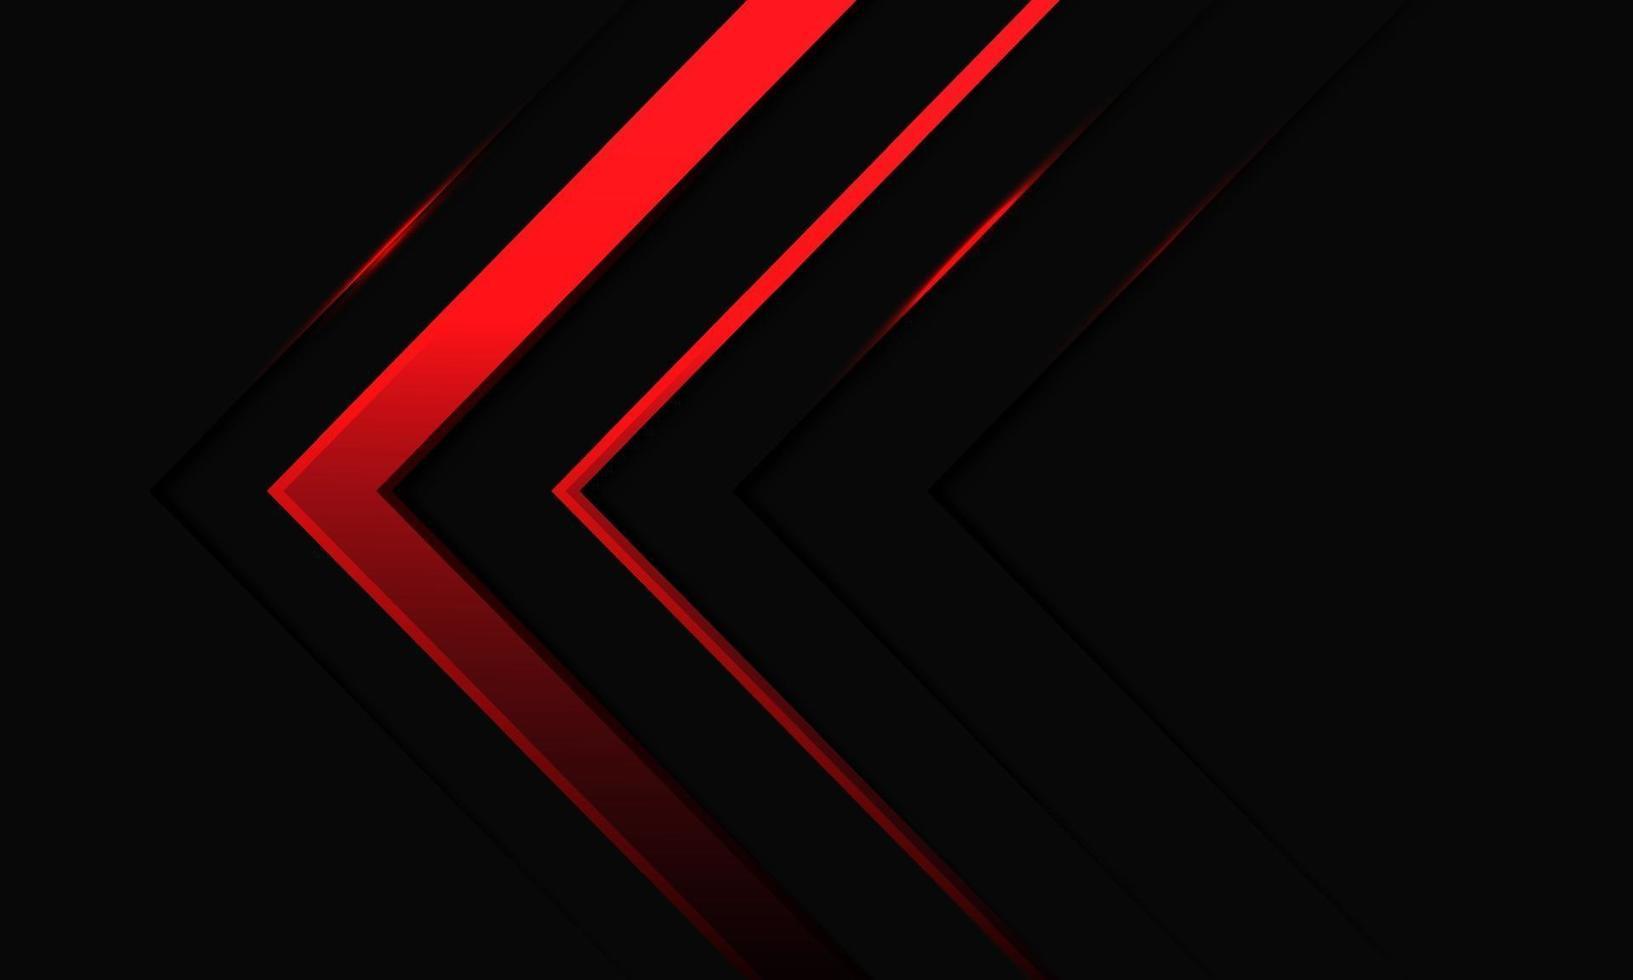 abstrakt röd pil neonljusriktning på svart metallisk design modern futuristisk bakgrundsvektorillustration. vektor